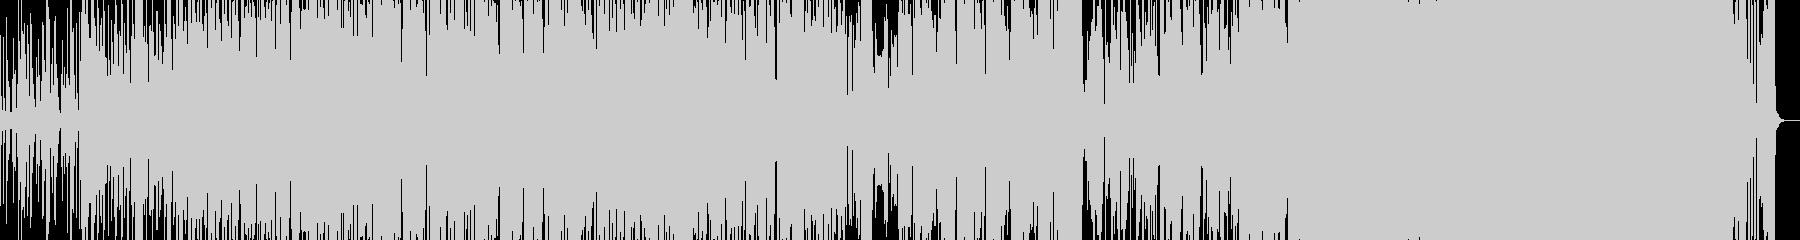 激しいファンク・ソウル/JIINOの未再生の波形